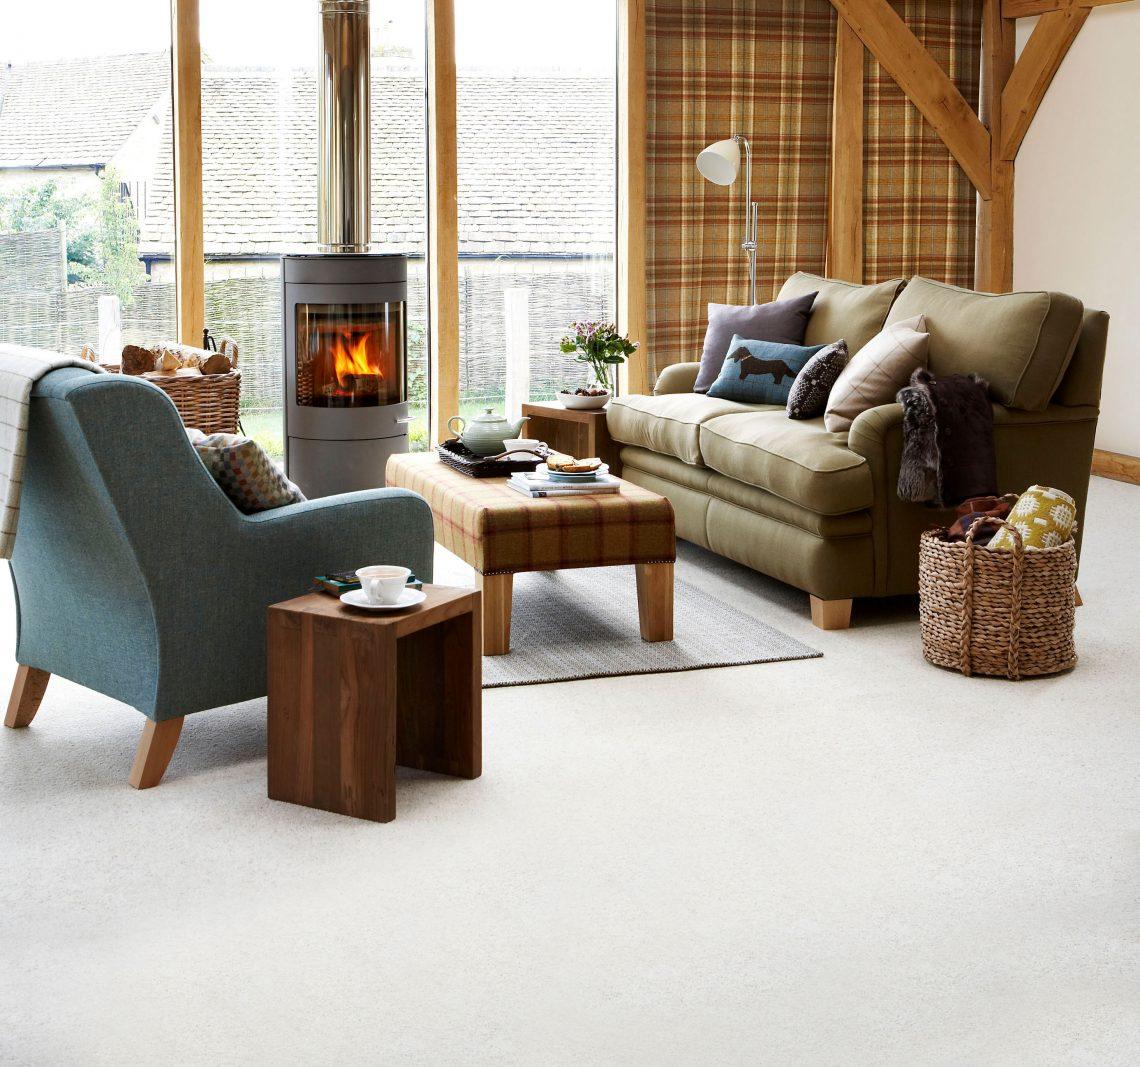 Carpet Cormar Natural Berber Morning Dew Living Room